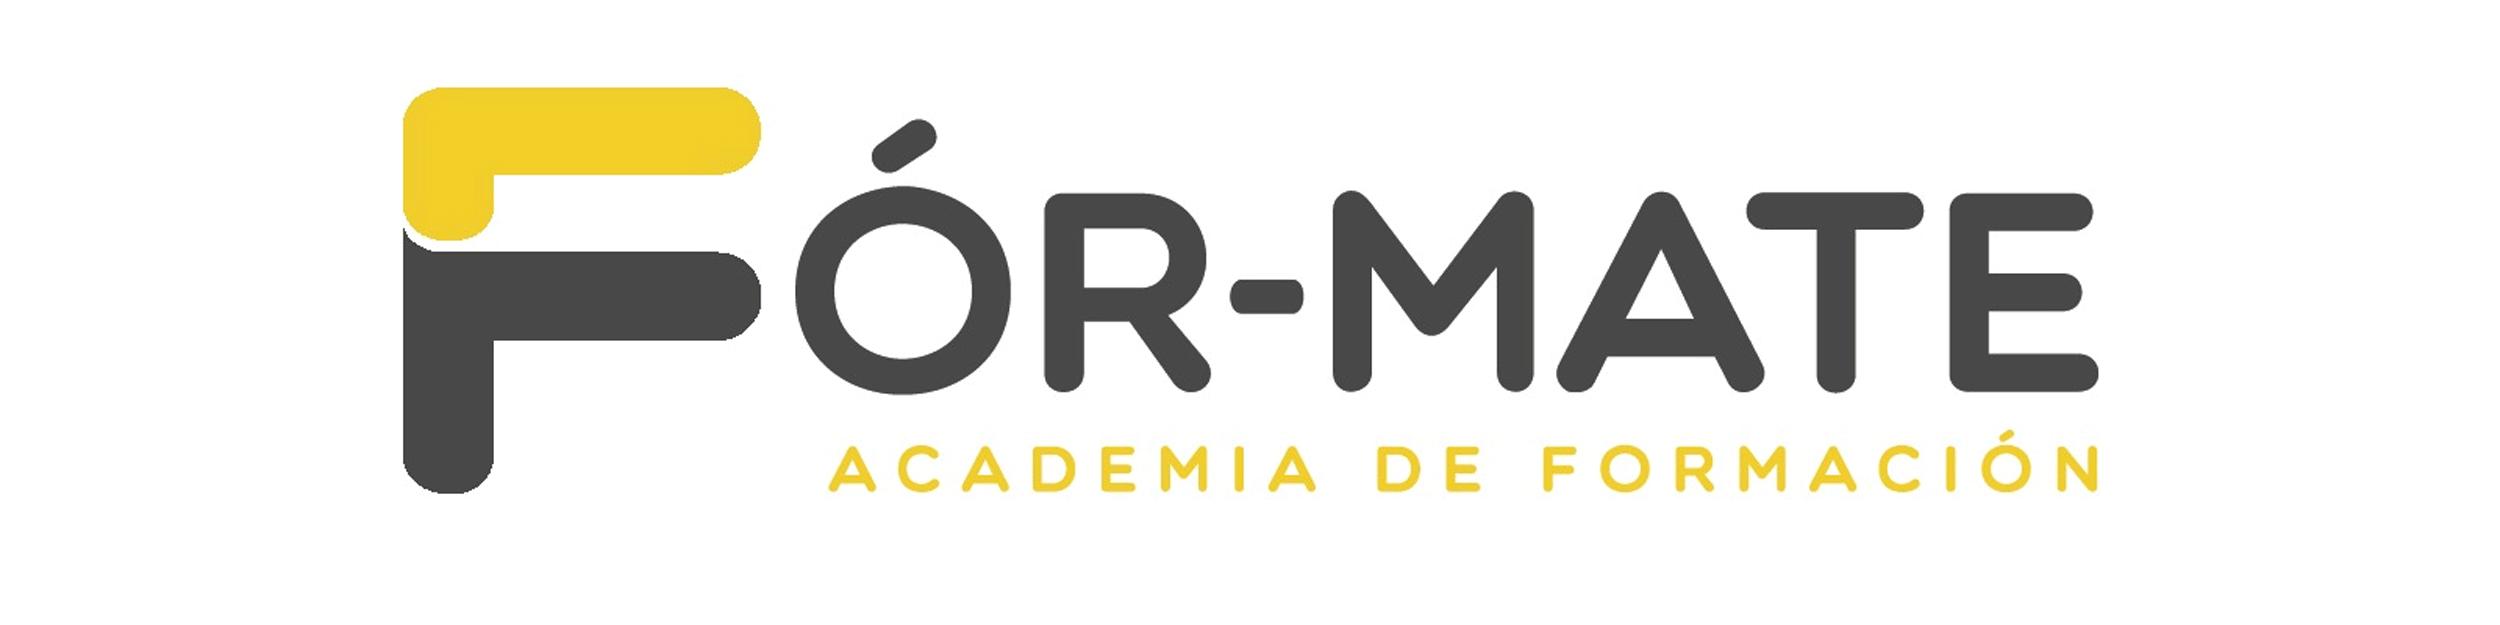 Academia Formación Fór-mate